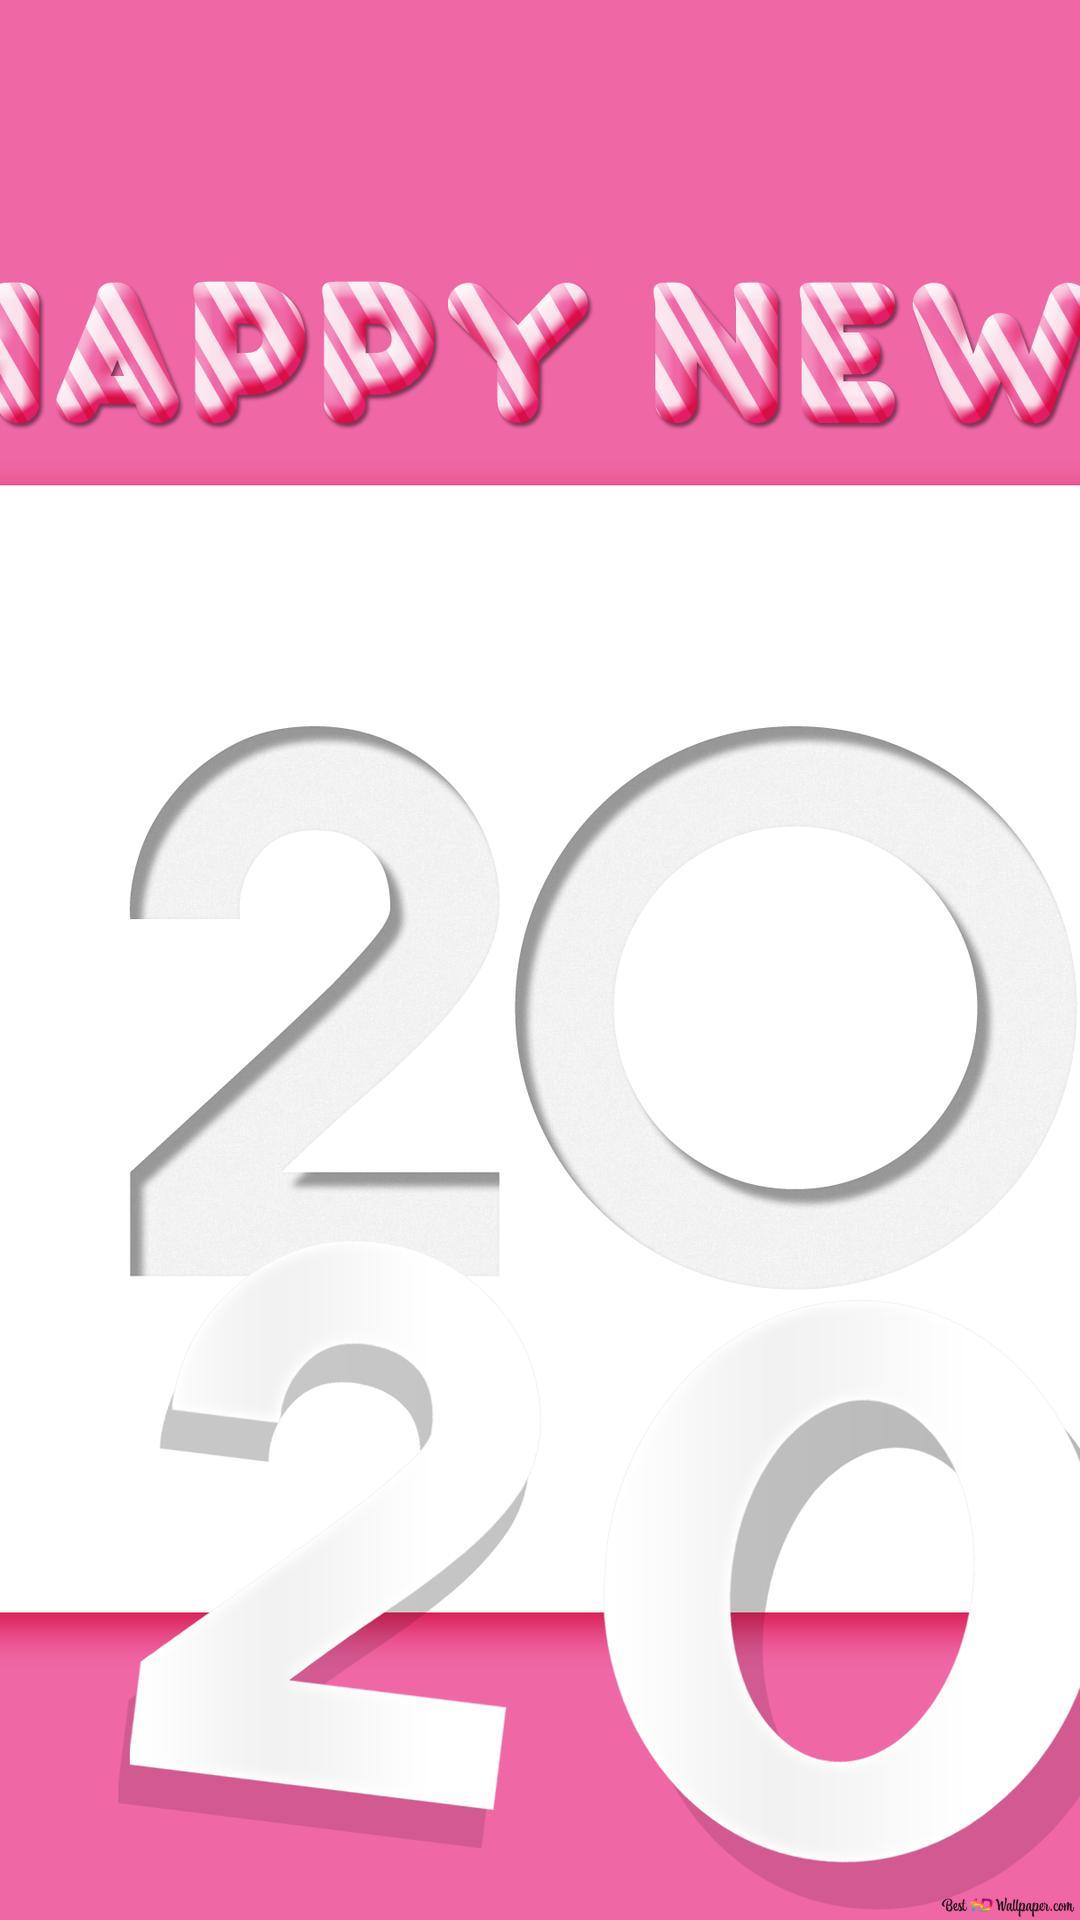 ピンクと白の背景に2020年への移行 Hd壁紙のダウンロード